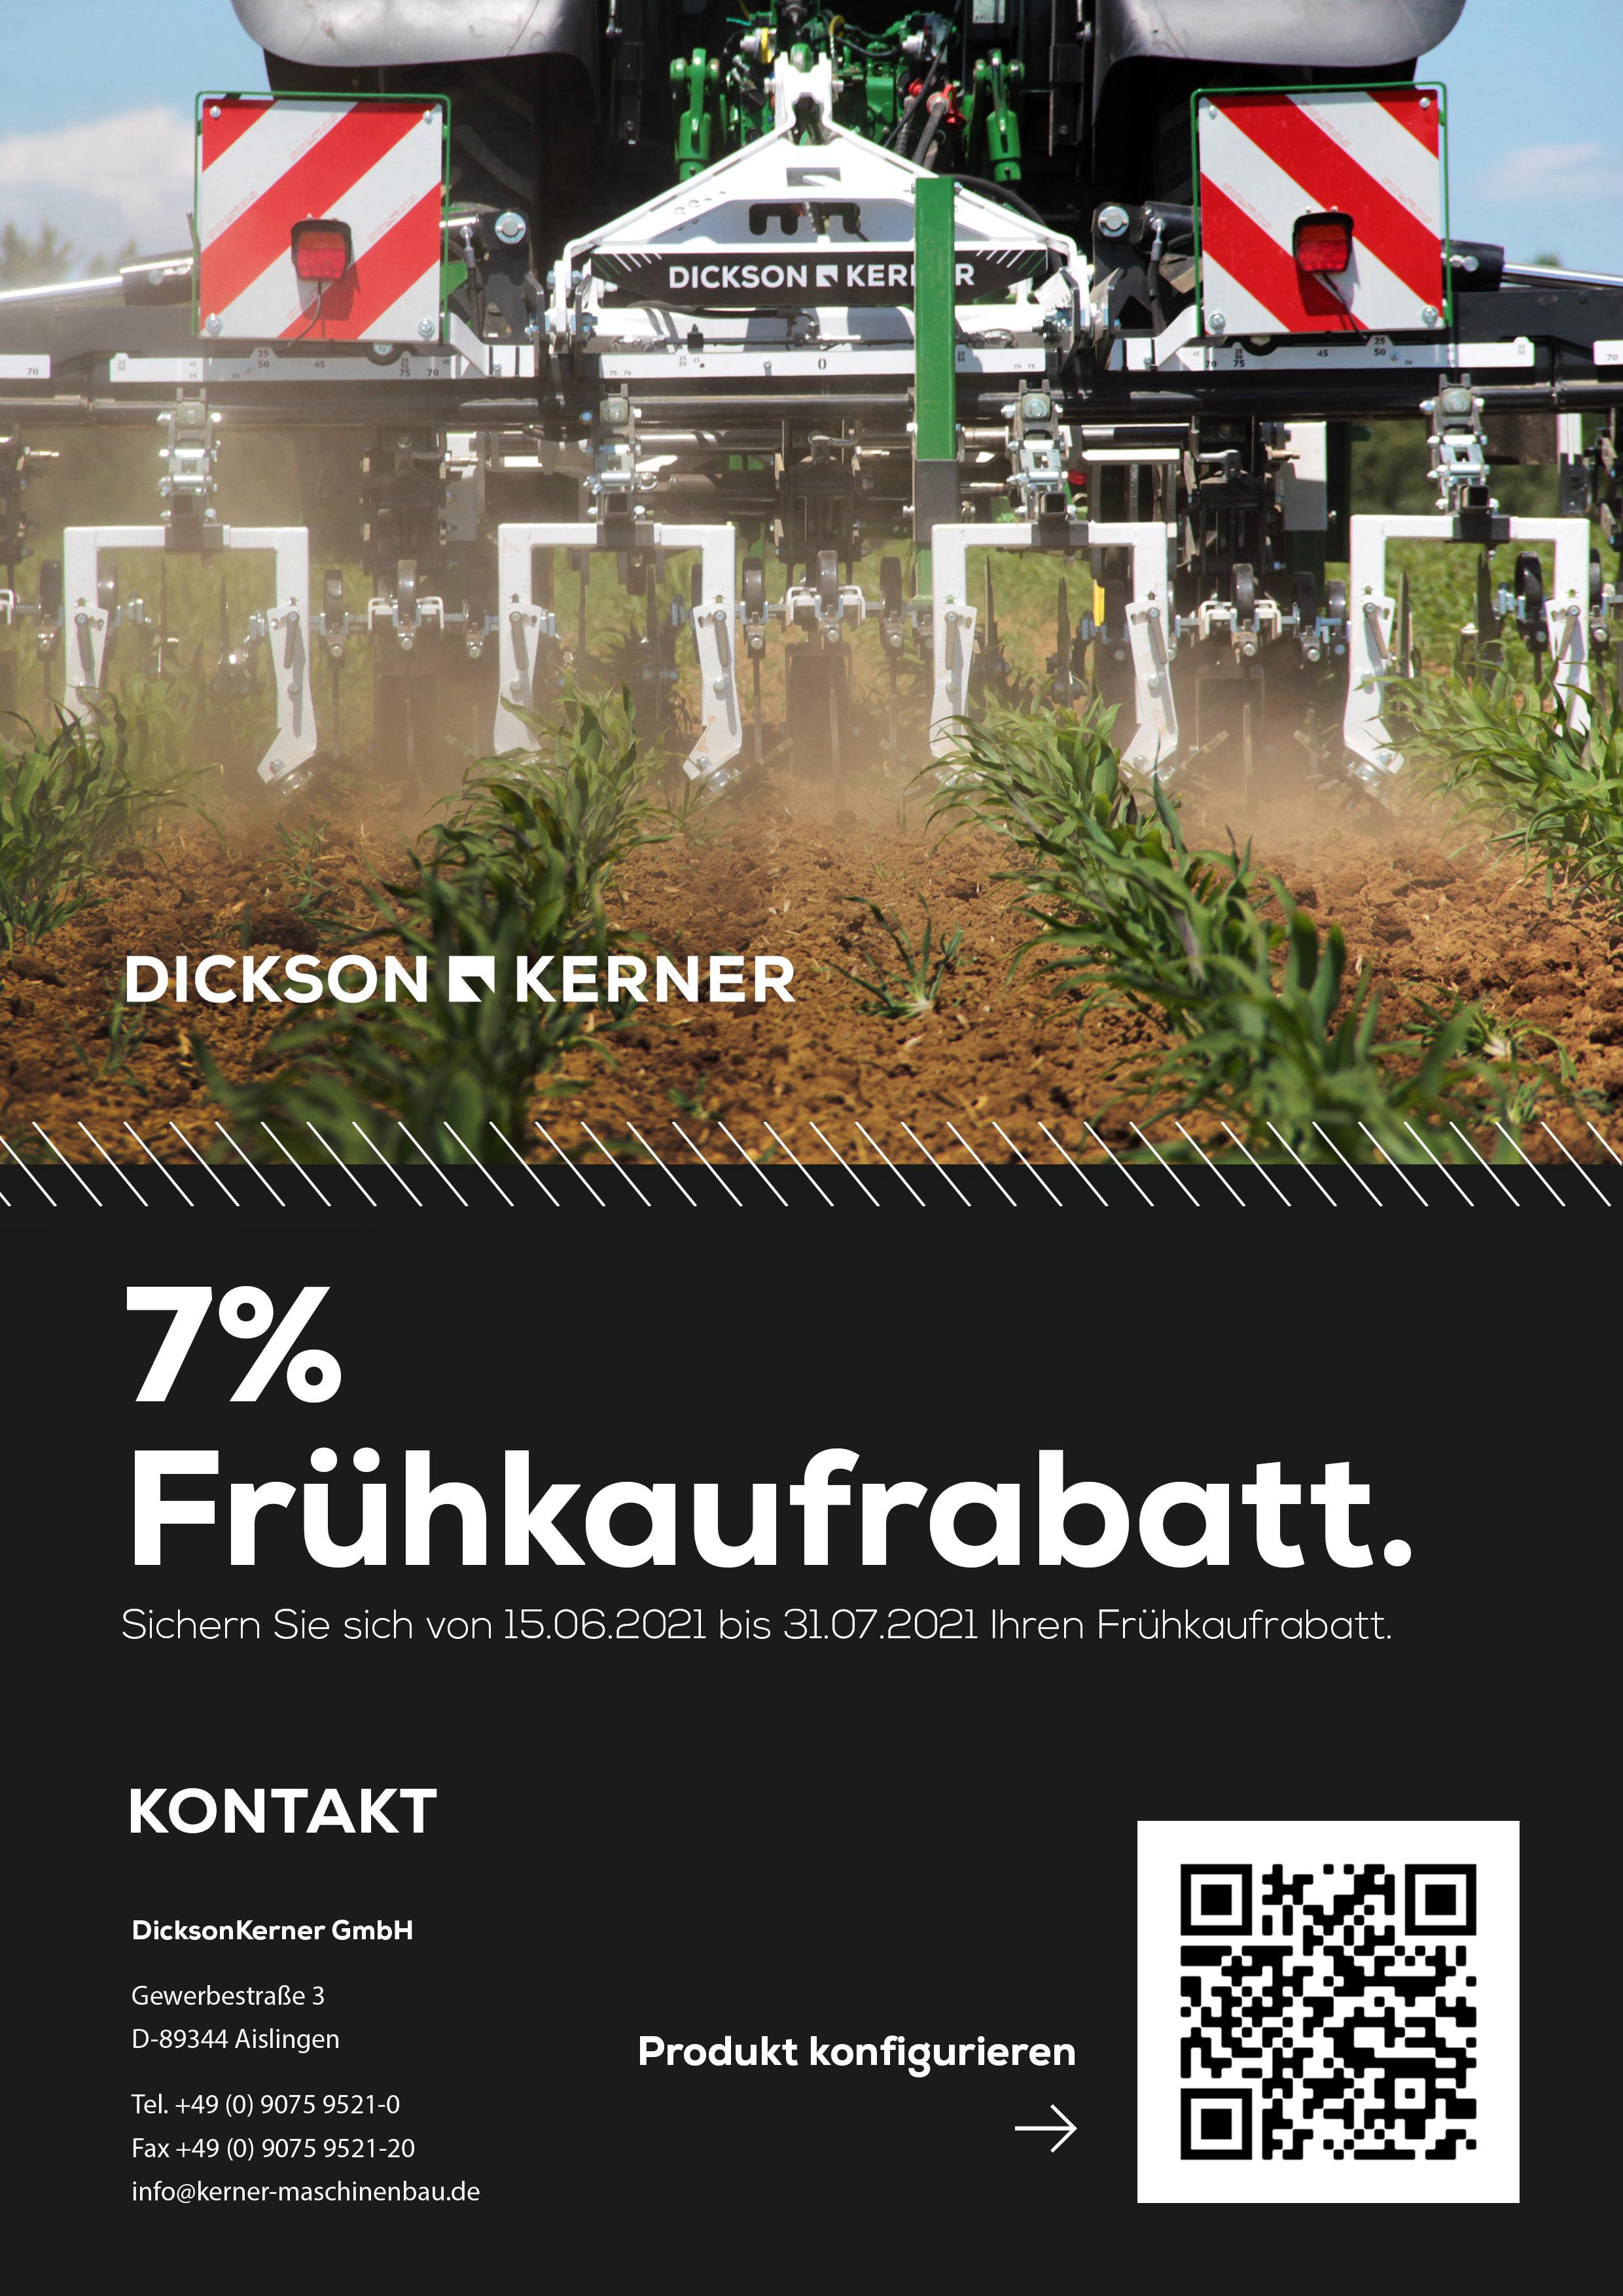 DicksonKerner Frühkaufrabatt 2021